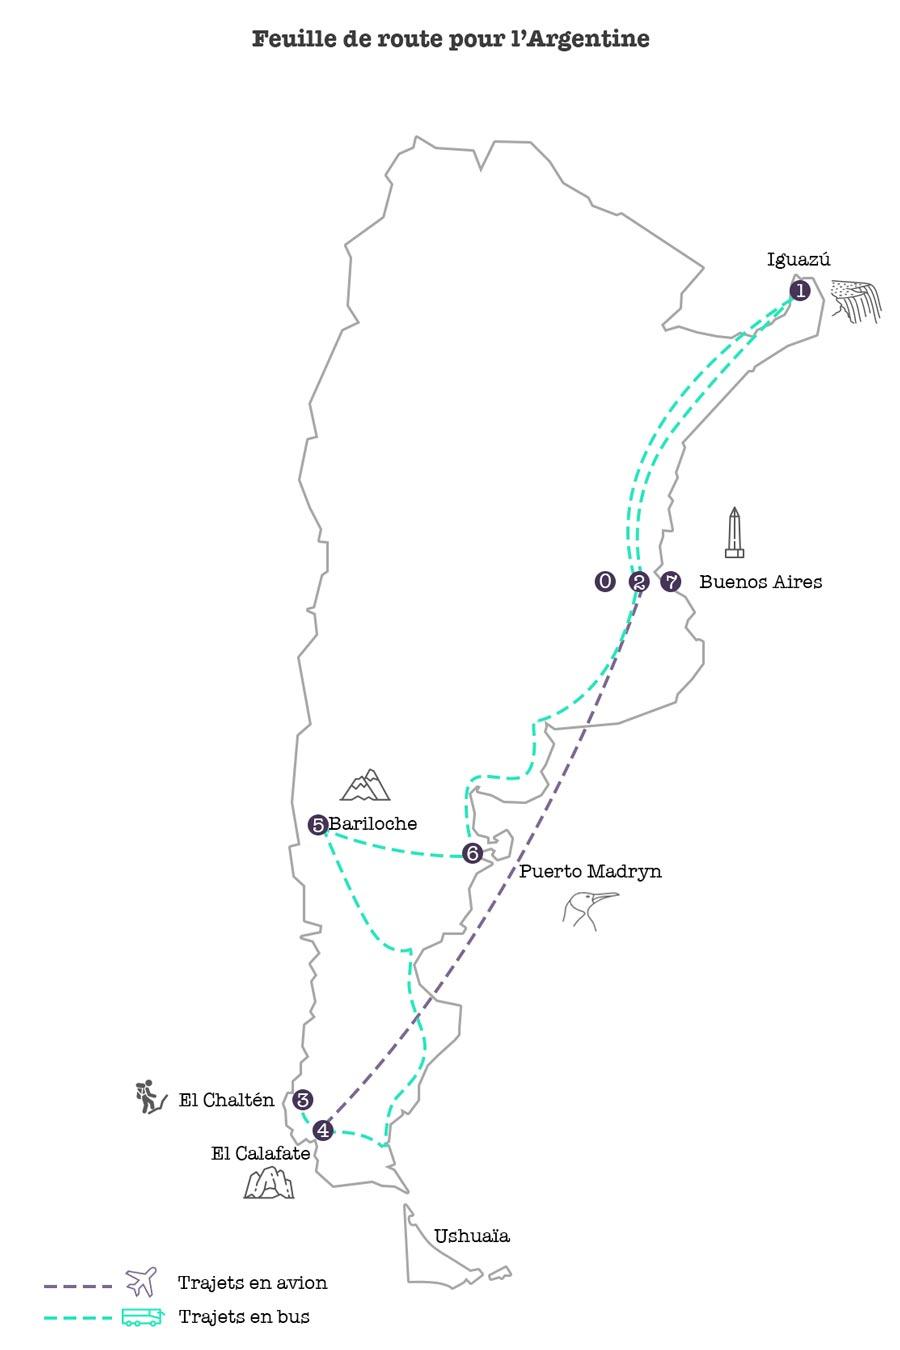 Feuille de route 3 semaines en Argentine